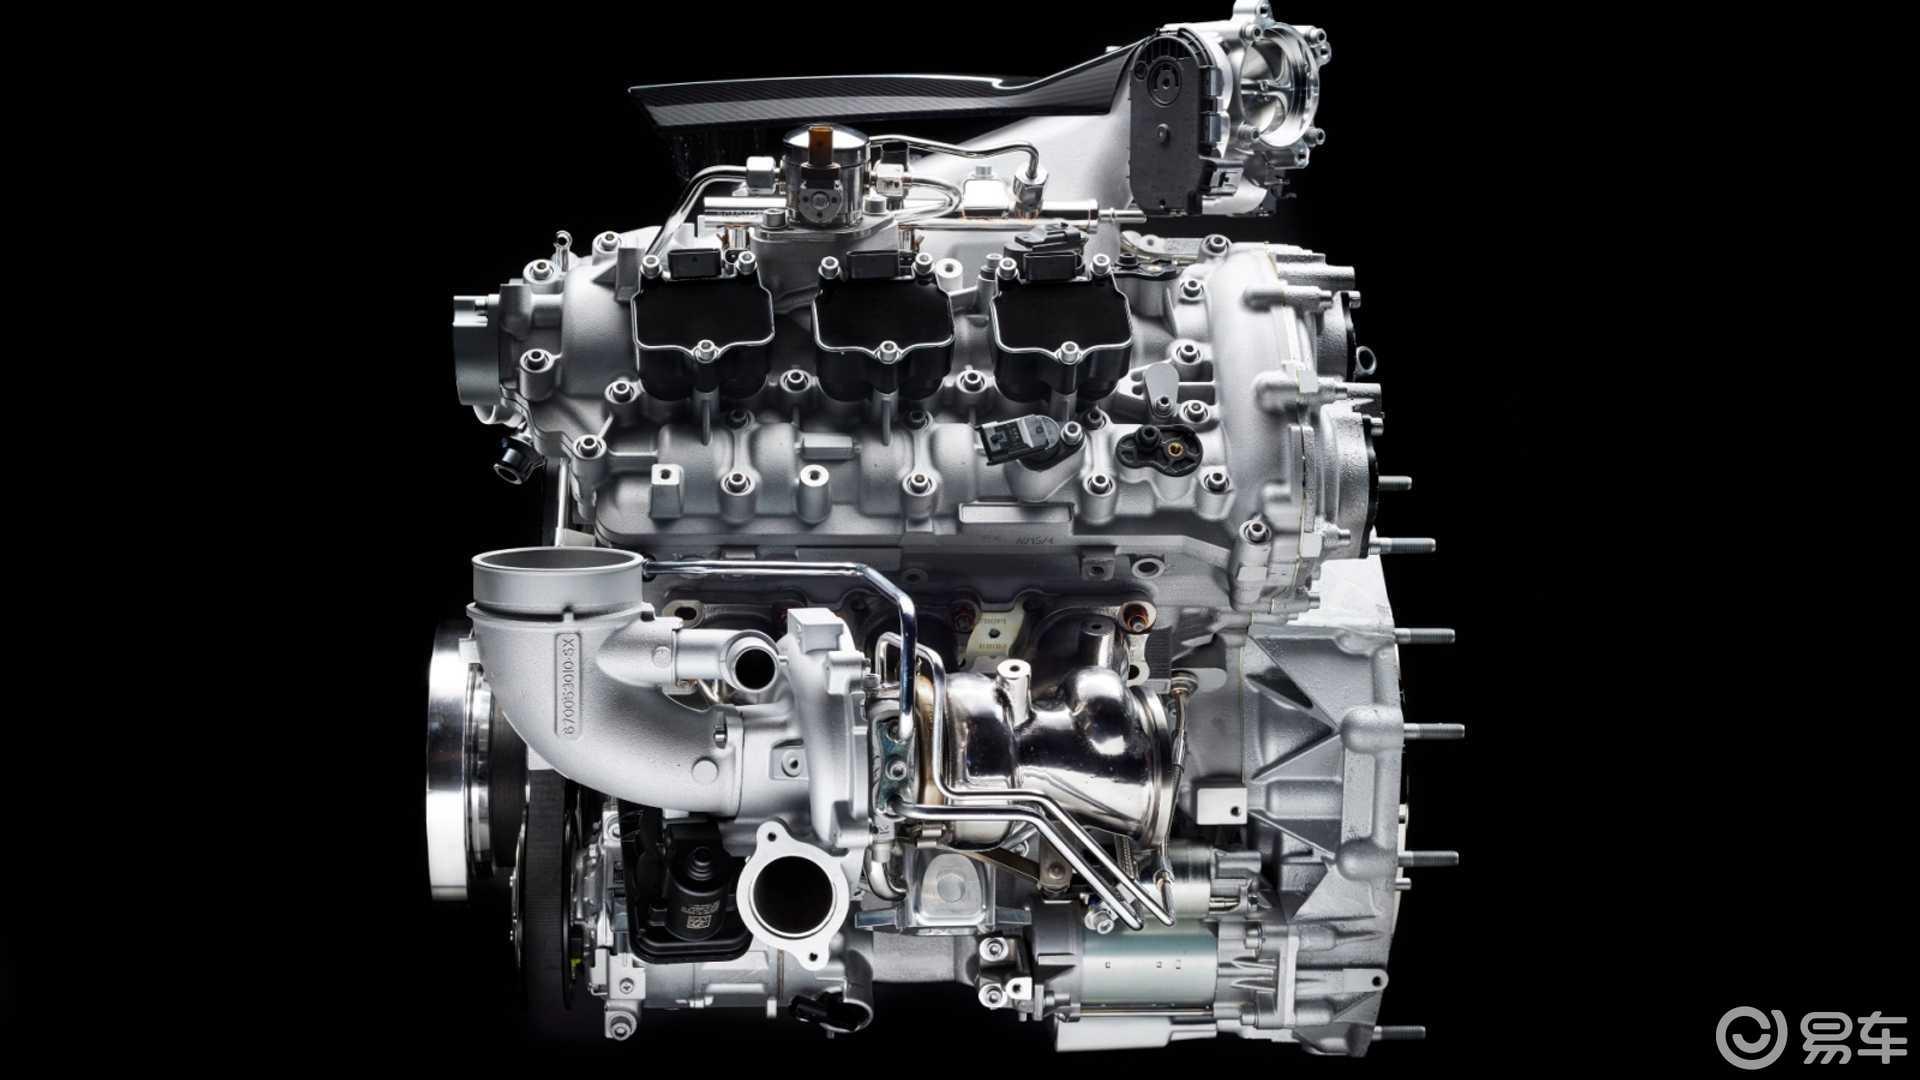 #美图赏析#玛莎拉蒂自行研发新V6引擎